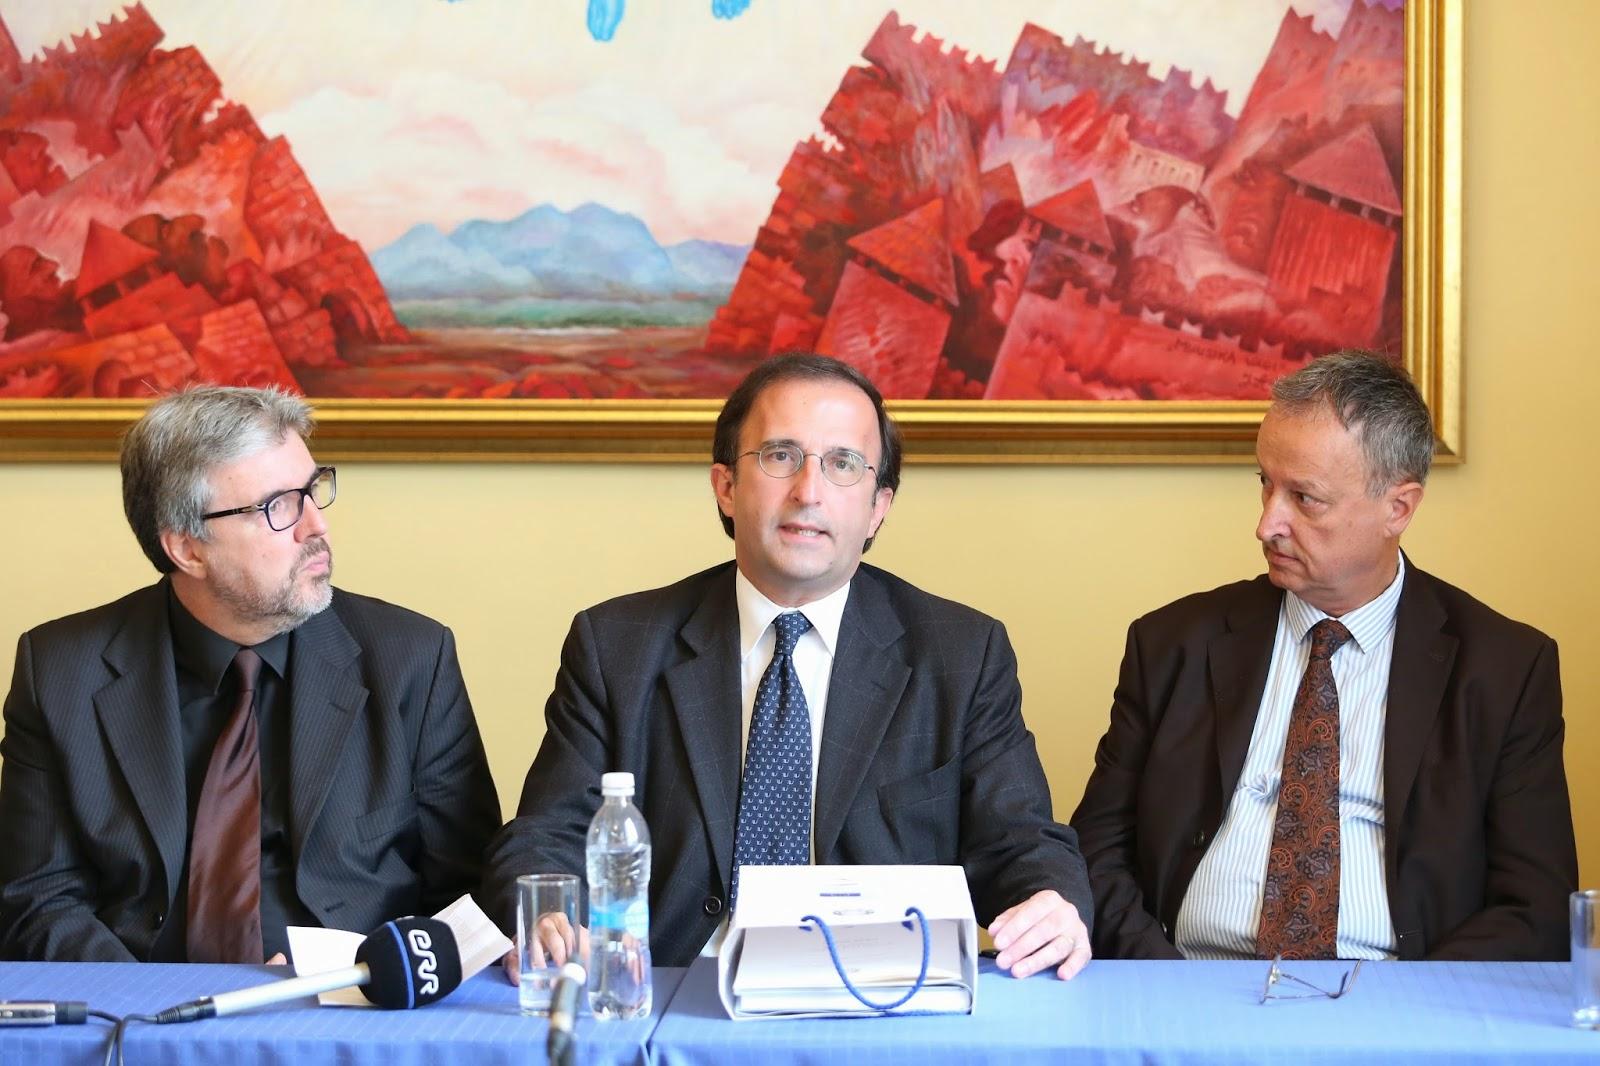 Il Bergamo Musica Festival A Tallin Celebra La Presidenza Italiana